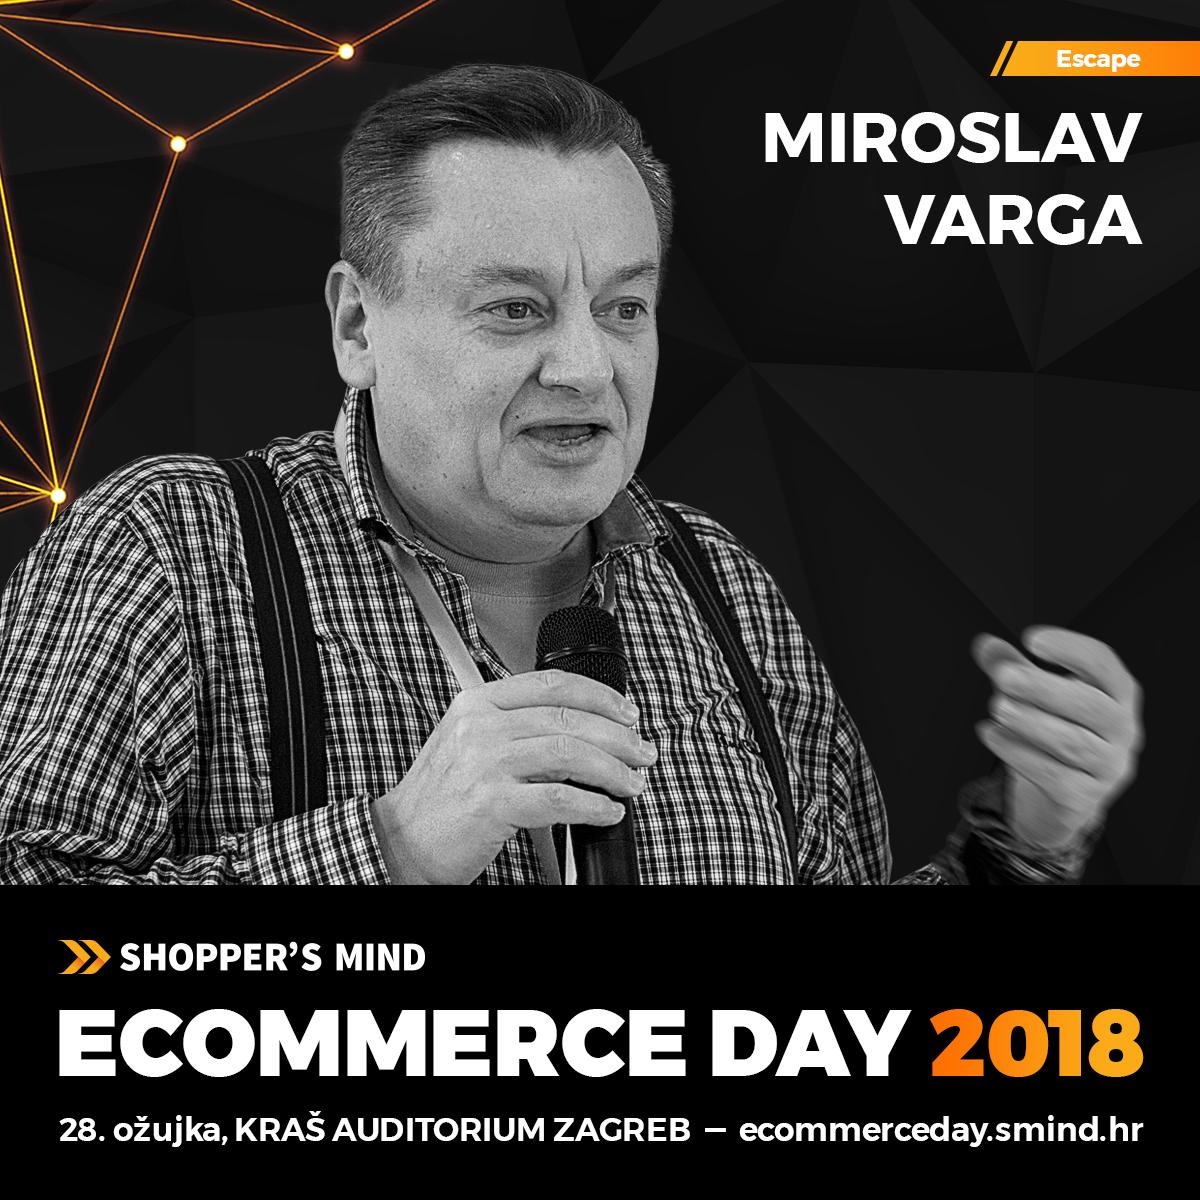 MIROSLAV-VARGA